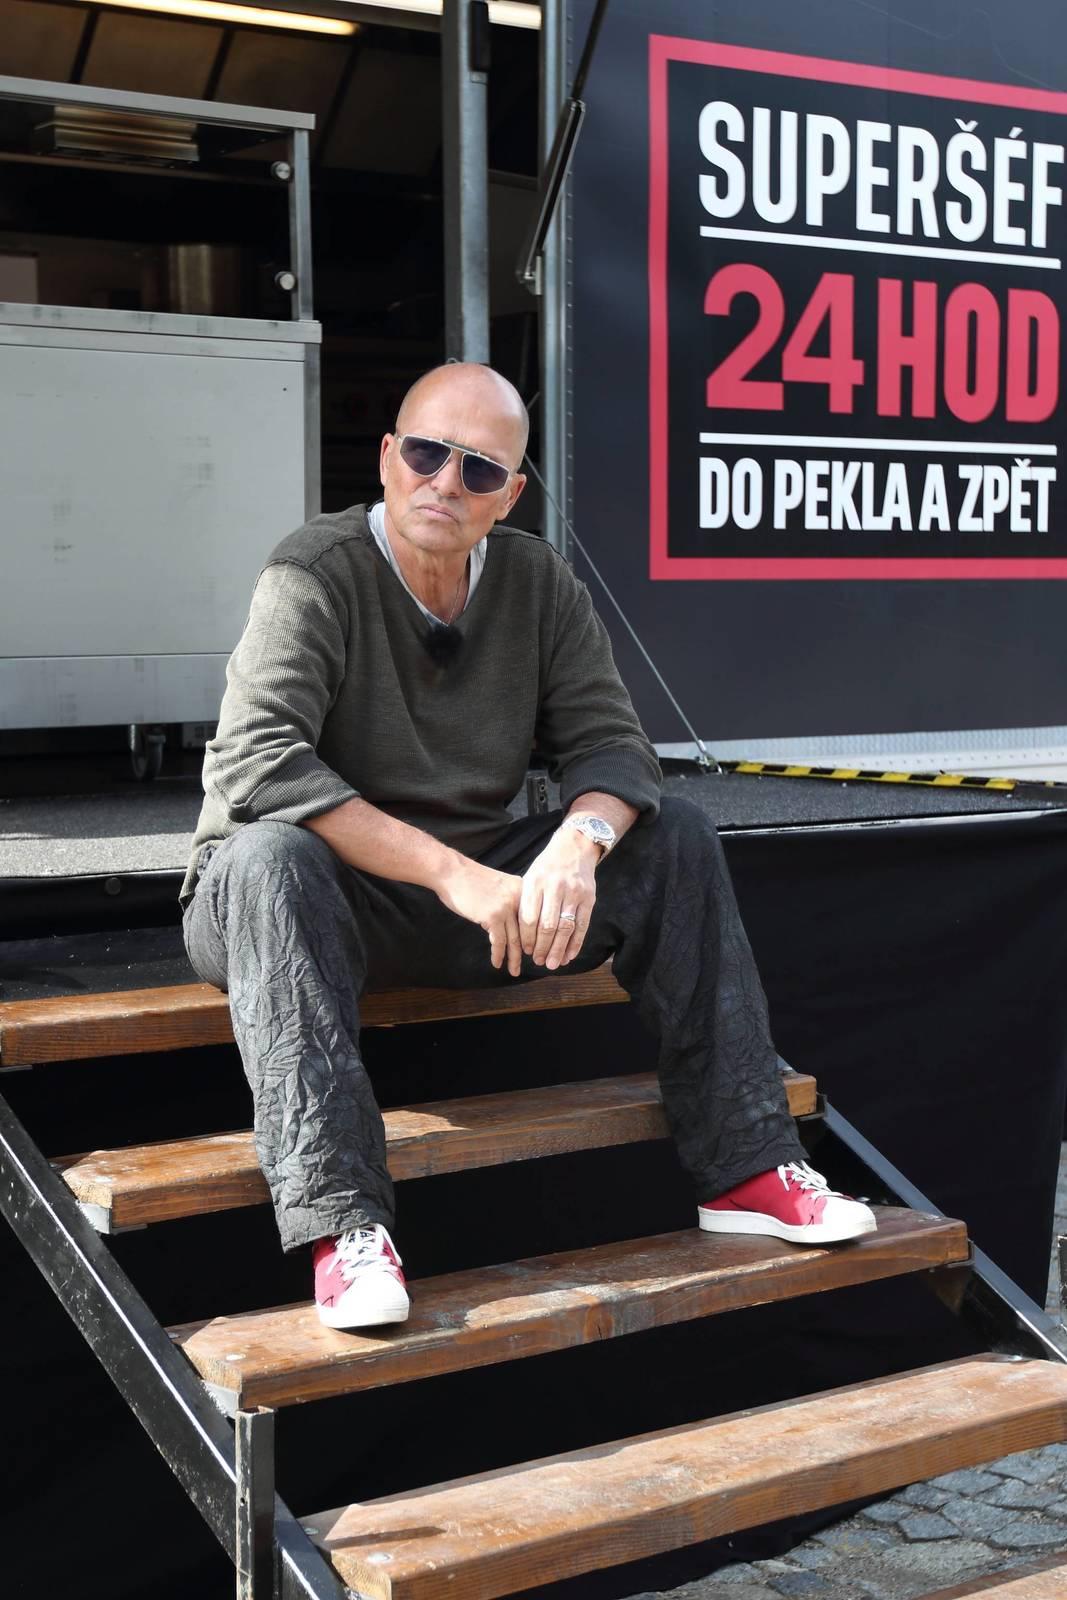 Obávaný šéfkuchař, Zdeněk Pohlreich, vede již tři restaurace – Café Imperial, Divinis a Next Door. Mimo to také  napsal mnoho kuchařských knih.